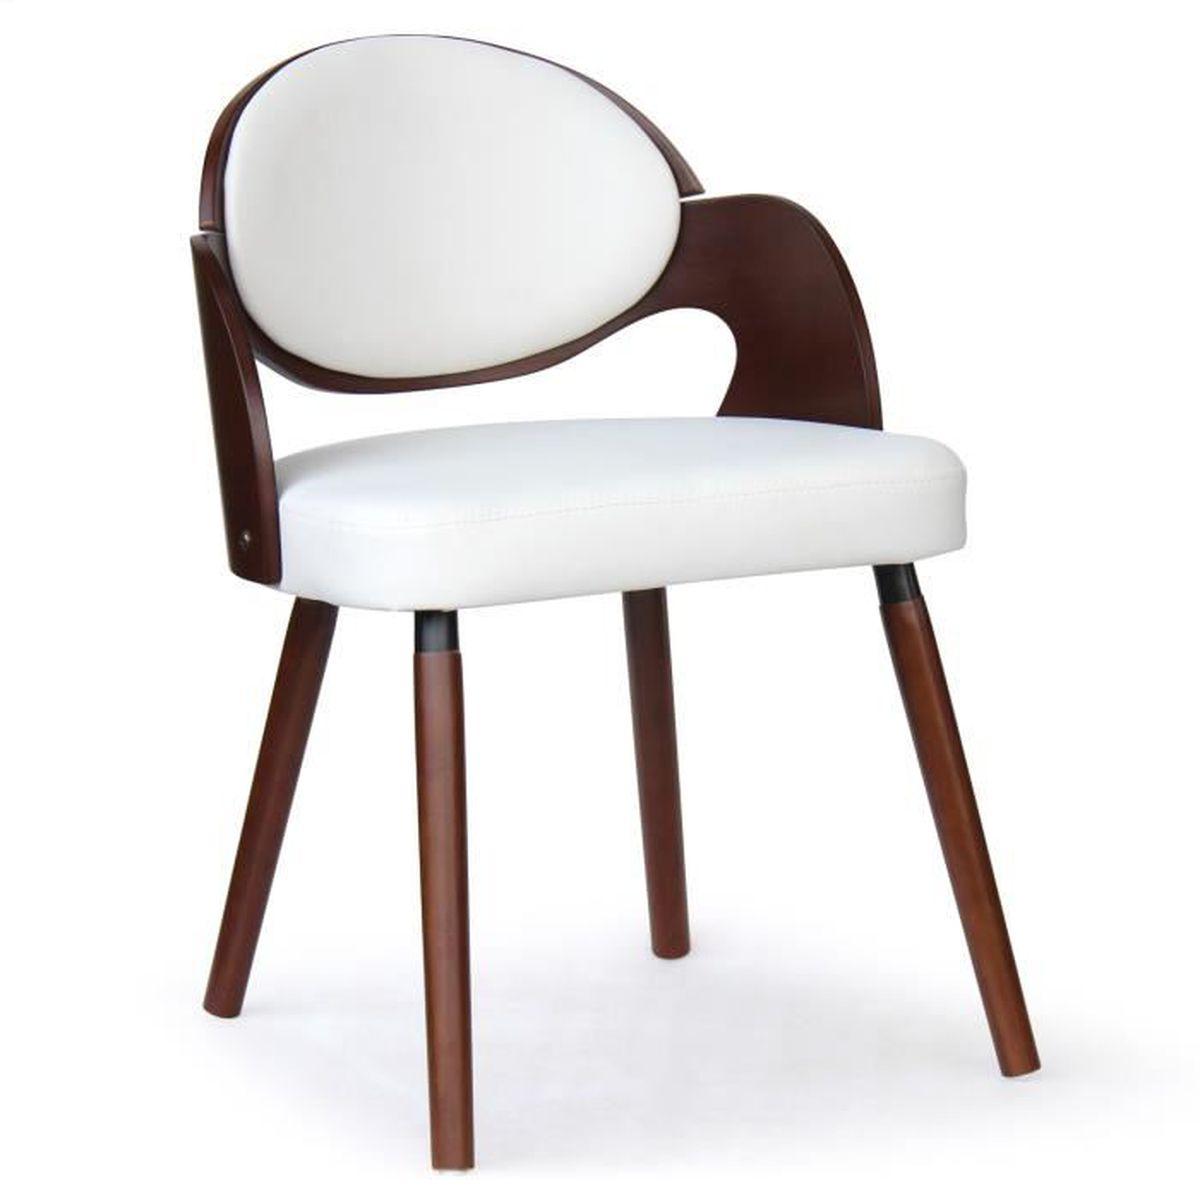 chaise scandinave esther bois noisette et blanc achat. Black Bedroom Furniture Sets. Home Design Ideas